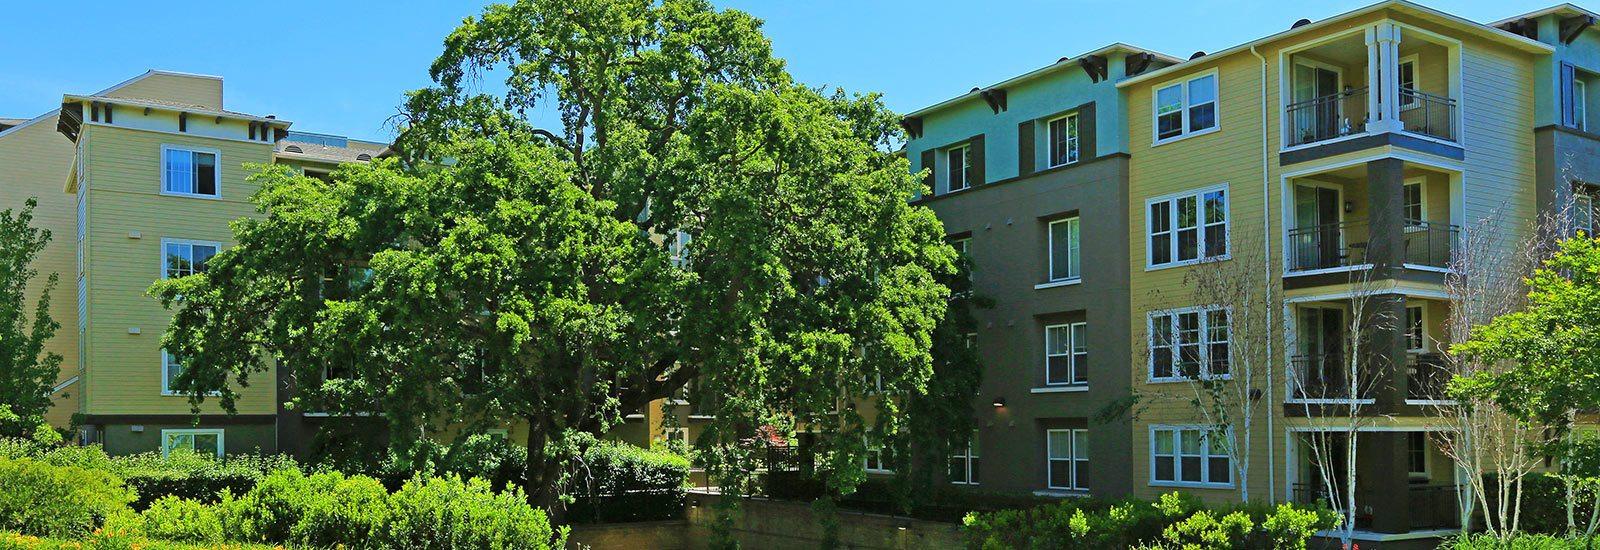 Apartments in Walnut Creek CA